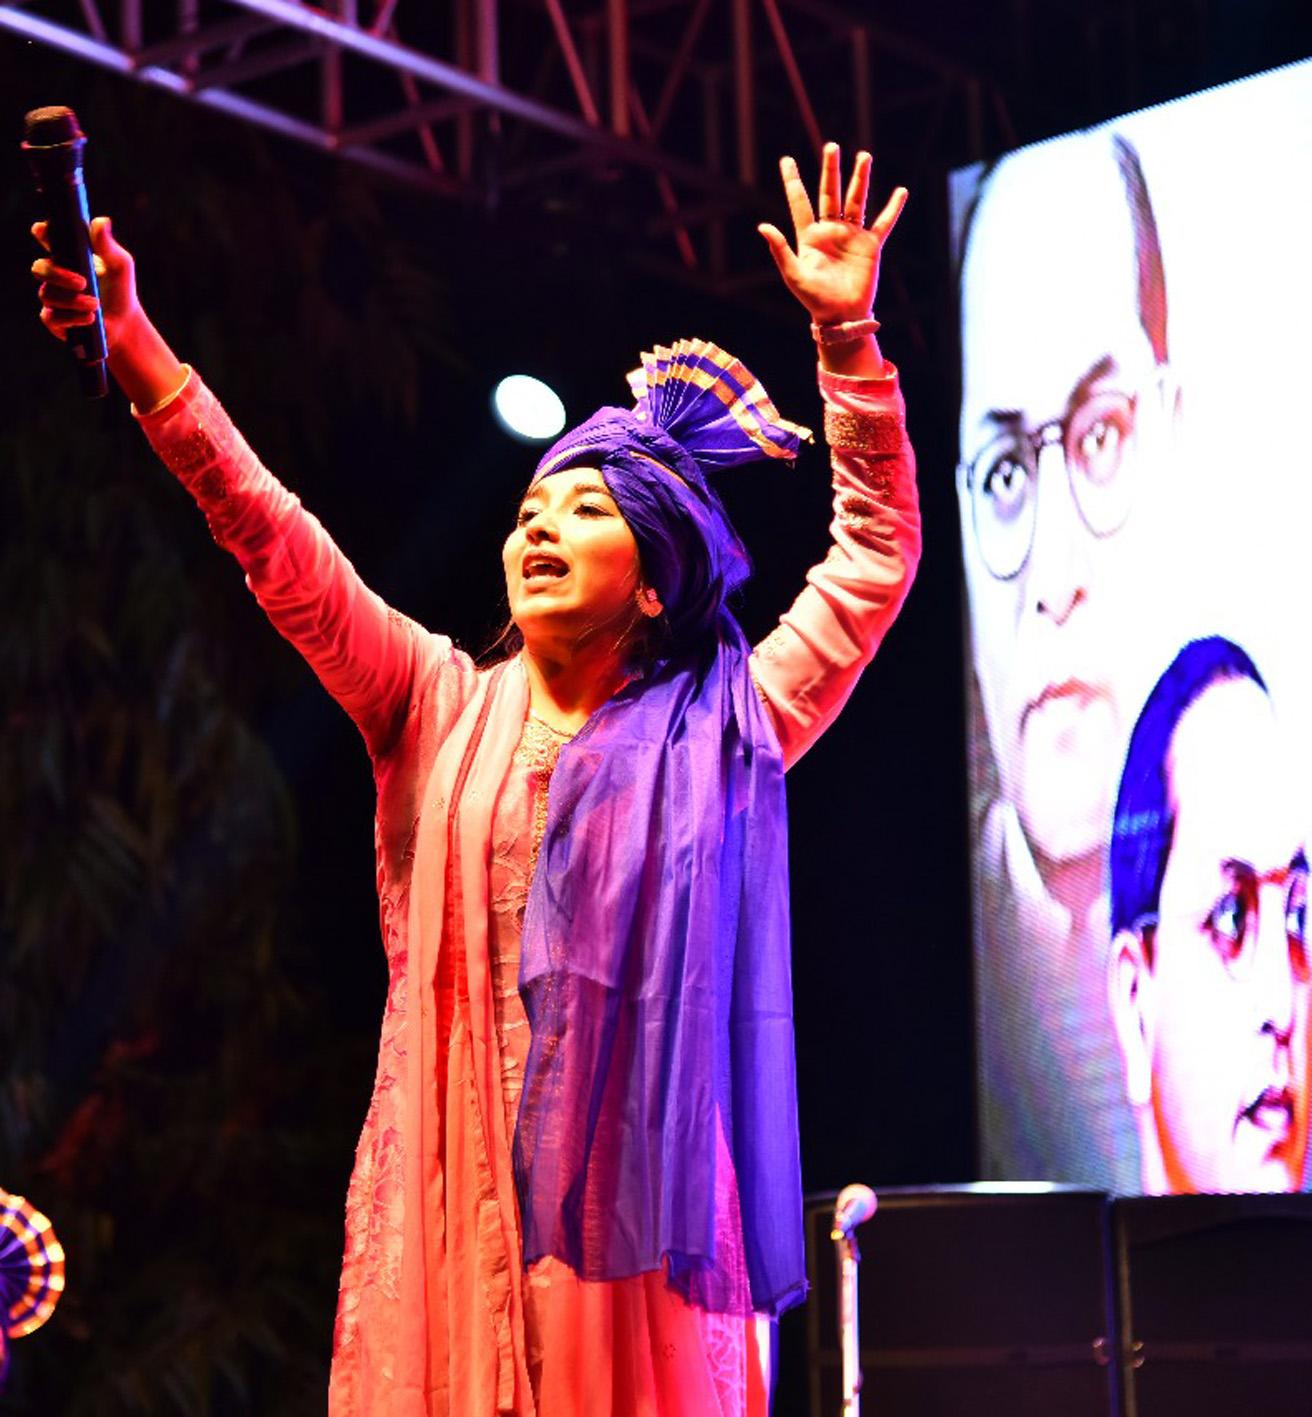 पंजाबी गायिका गिन्नी माहीने जिंकली रसिकांची मने